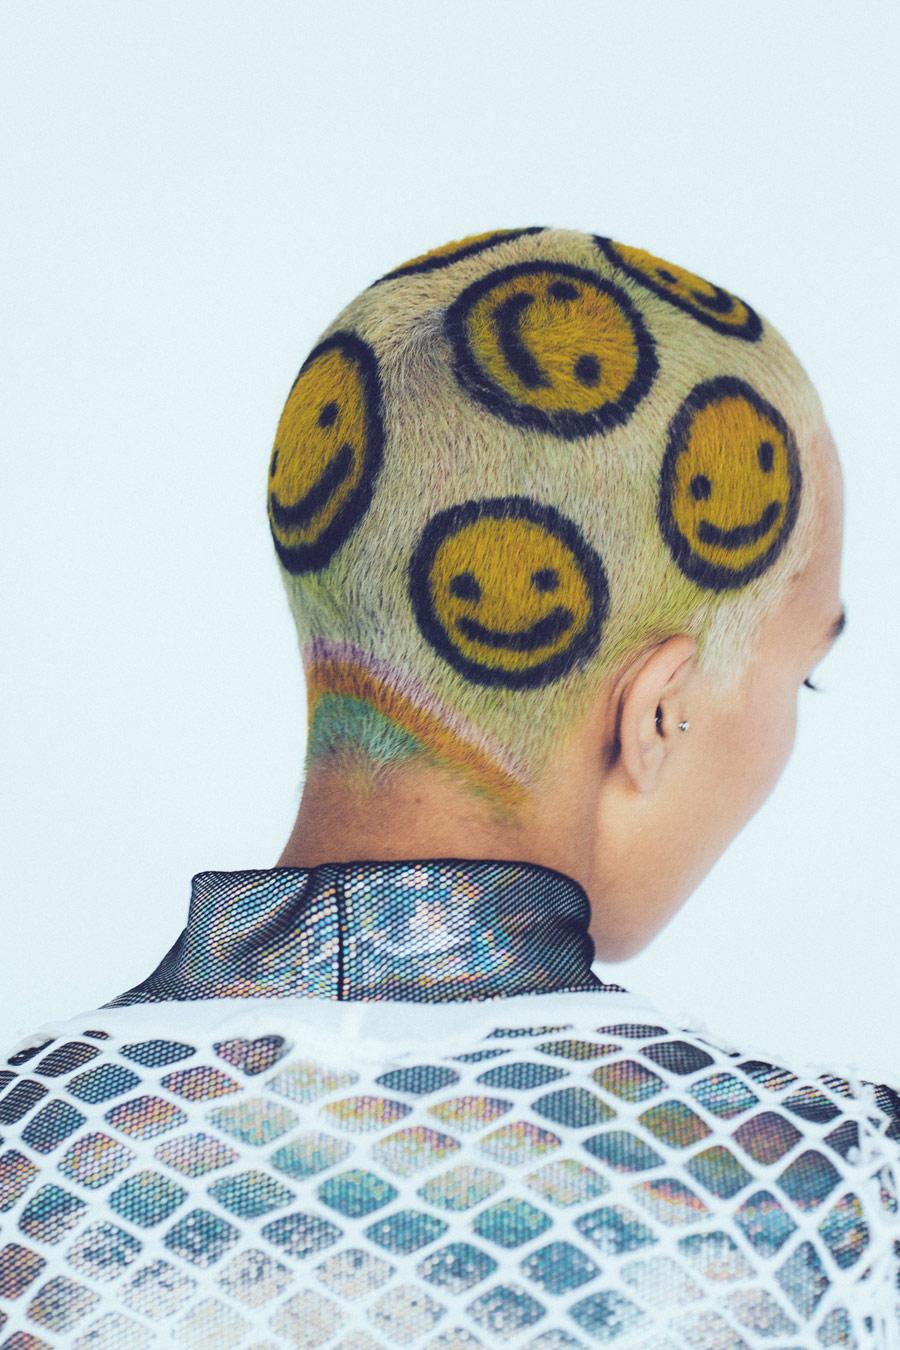 Без названия, © Алекс Блэк, Бруклин, США, 1 место в категории «Красота», «Взгляд» — фотоконкурс на тему «Мода» | PDN The Look